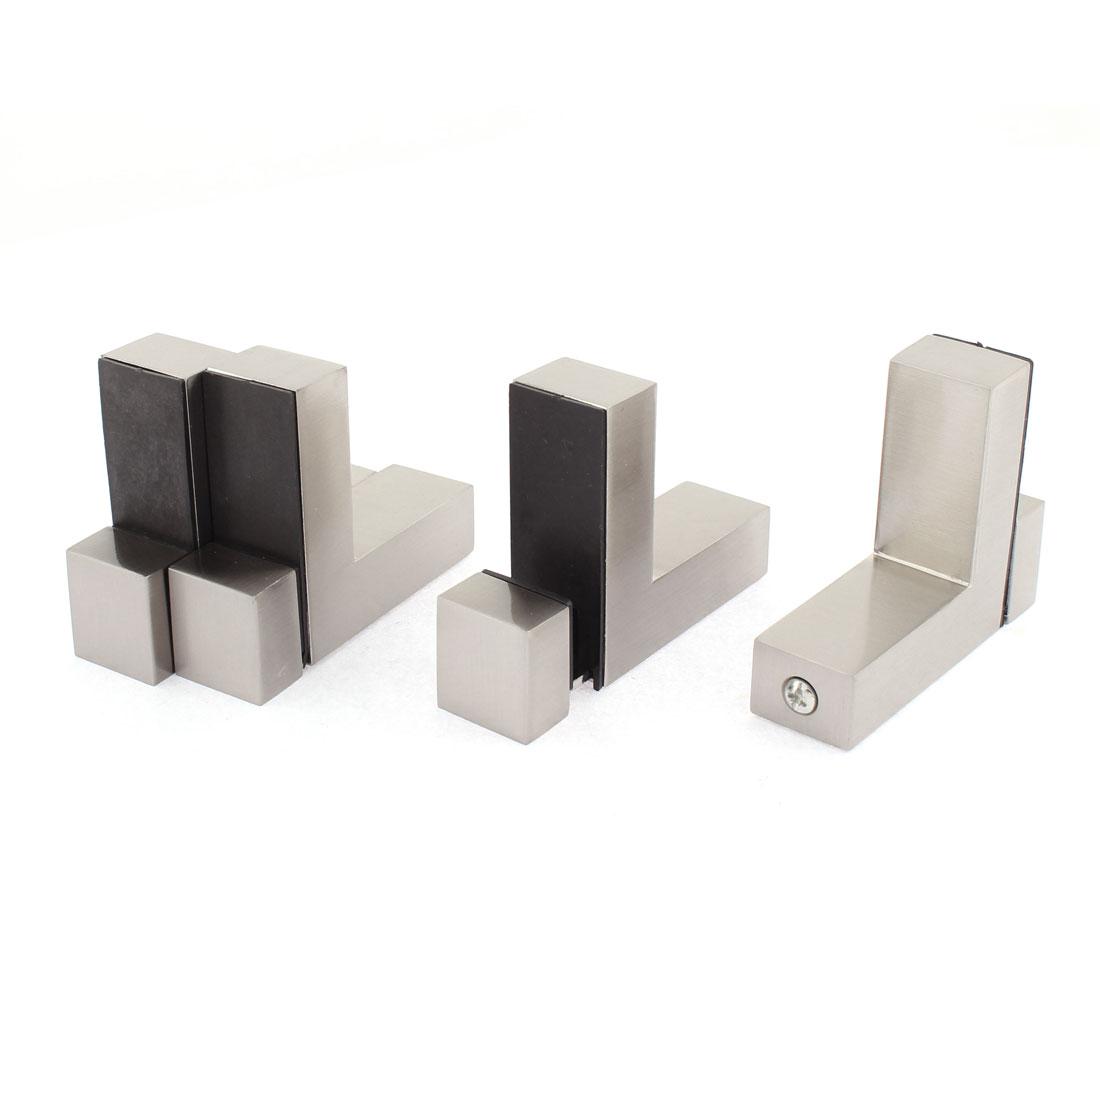 L Shaped Adjustable Glass Clip Clamp Bracket Holder 4pcs